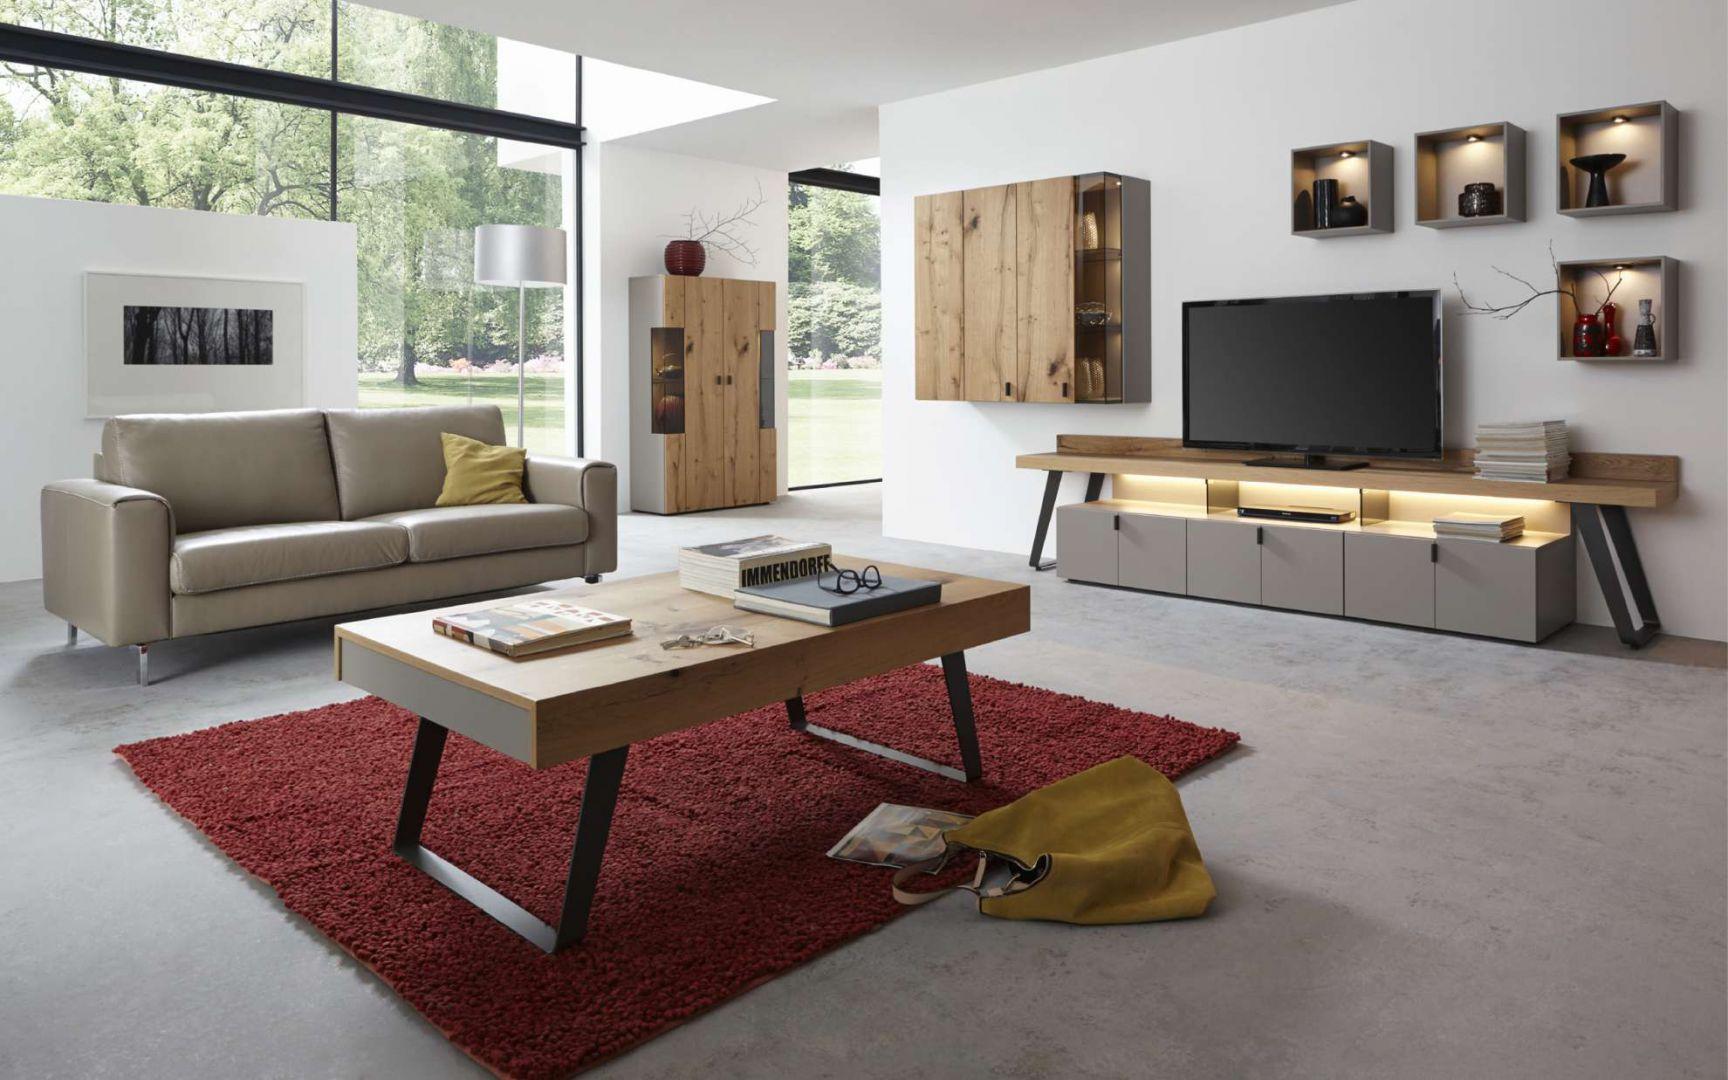 Kolekcja Nola doskonale uzupełni nowoczesny salon. Fronty kolekcji ozdobią wnętrze surowymi rysunkami drewna. Fot. Kler